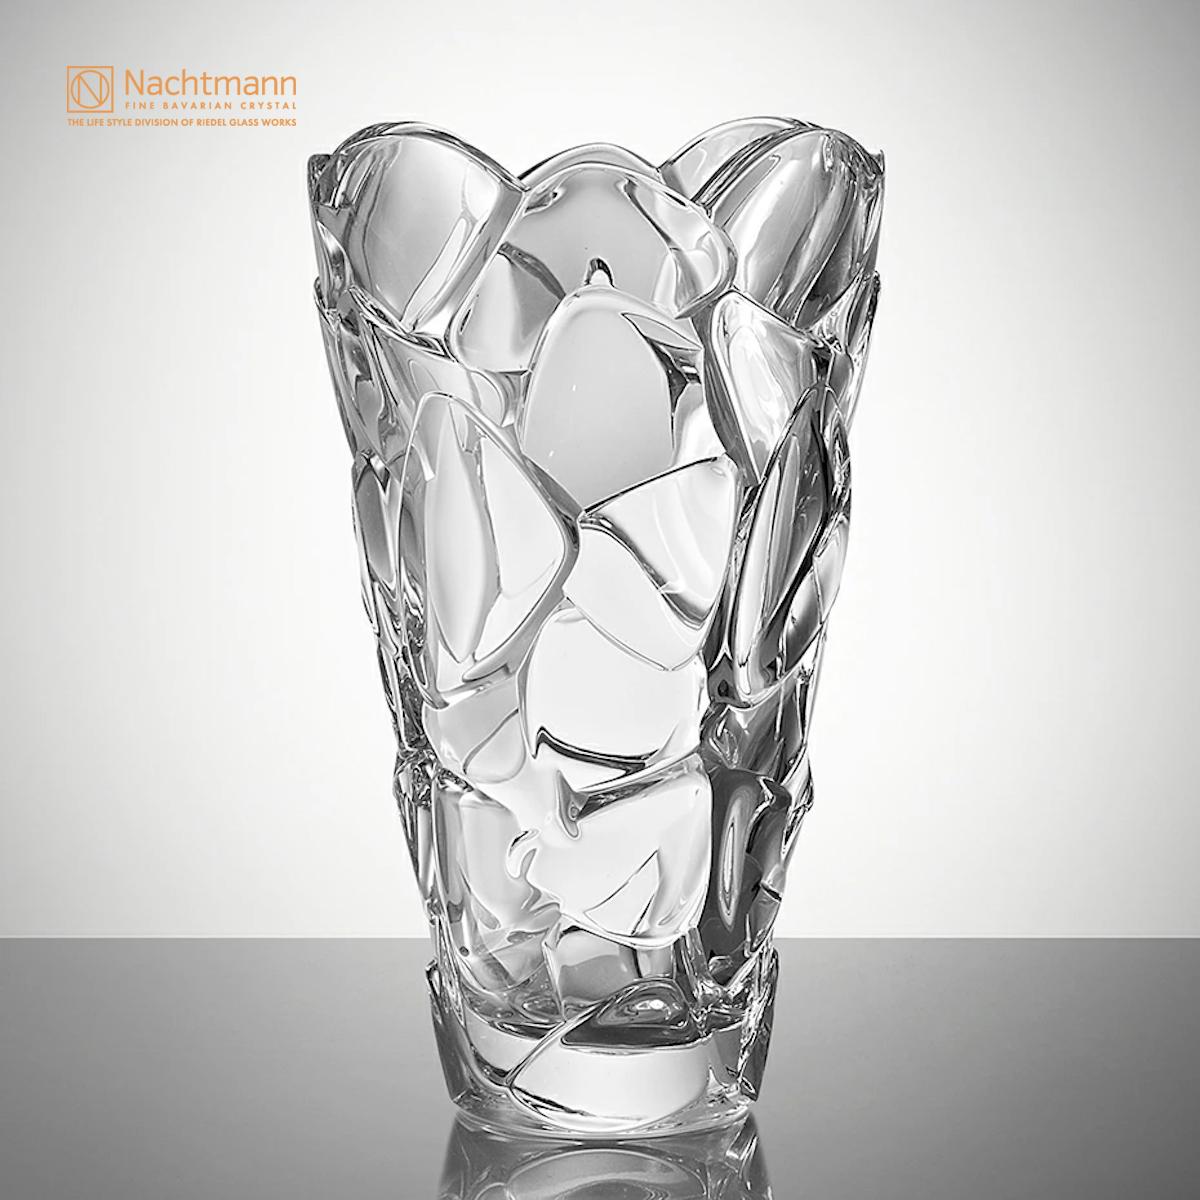 【ナハトマン公式】<ペタル> ベース 28cm(1個入)88336 【ラッピング無料】Nachtmann 花瓶 フラワーベース フラワーアレンジメント 花器 花びらモチーフ